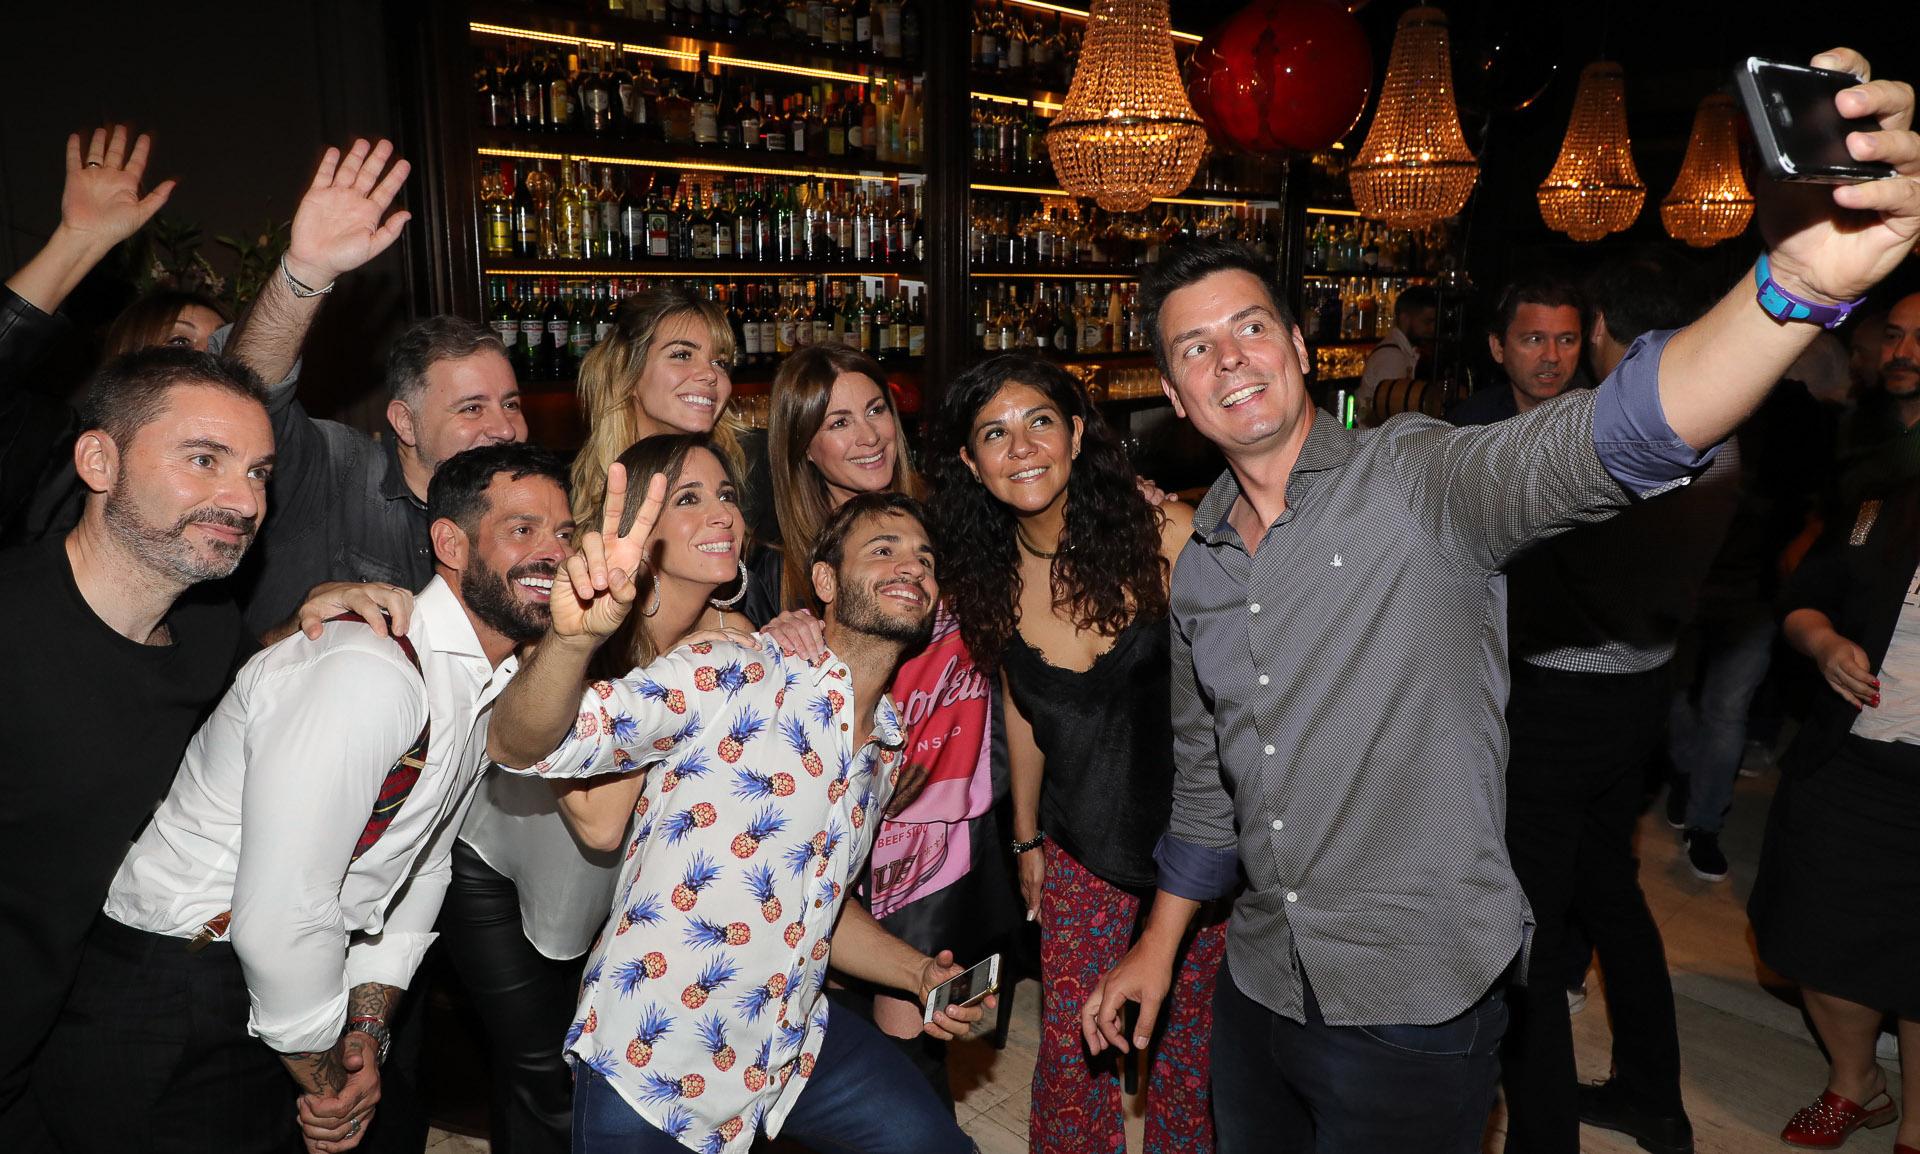 Santiago Zeyen sacando una selfie junto a sus compañeros